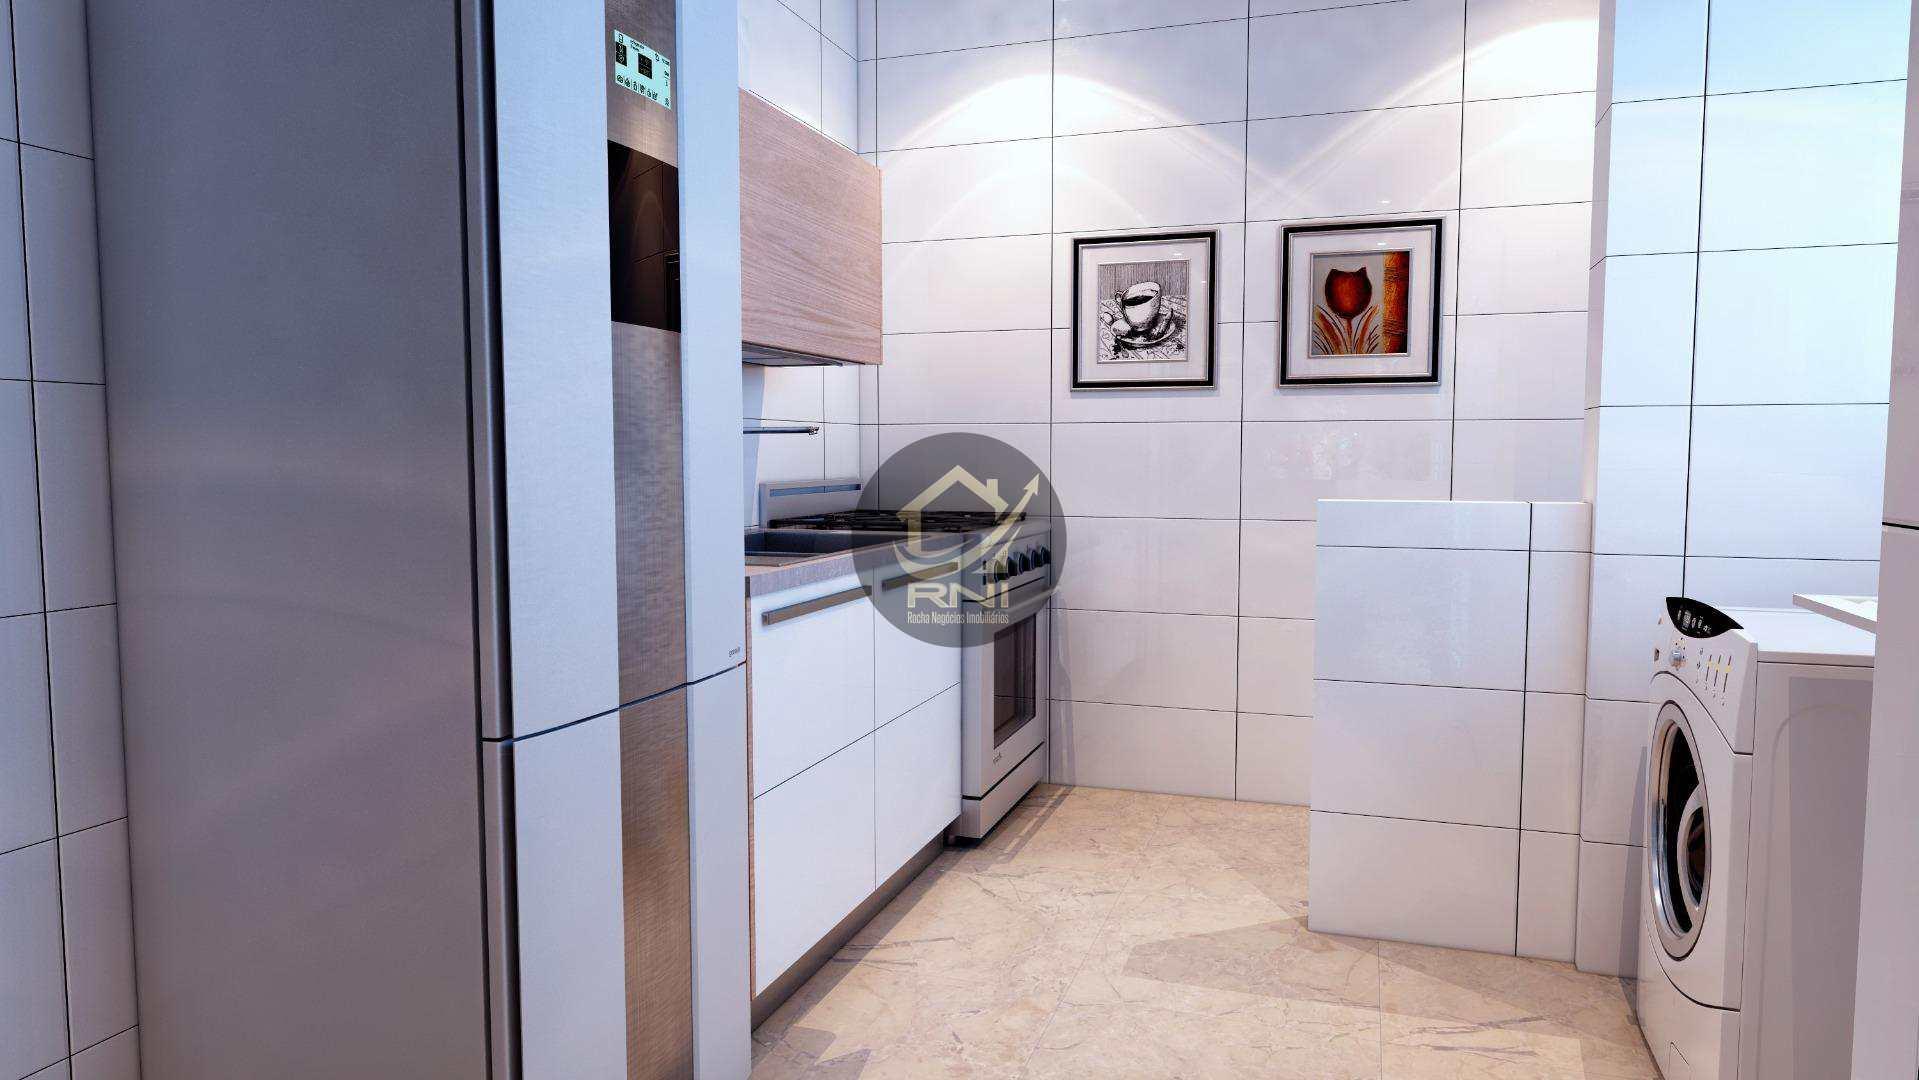 Apartamento com 2 dormitórios à venda, 79 m² por R$ 365.771,87 - Vila Guilhermina - Praia Grande/SP